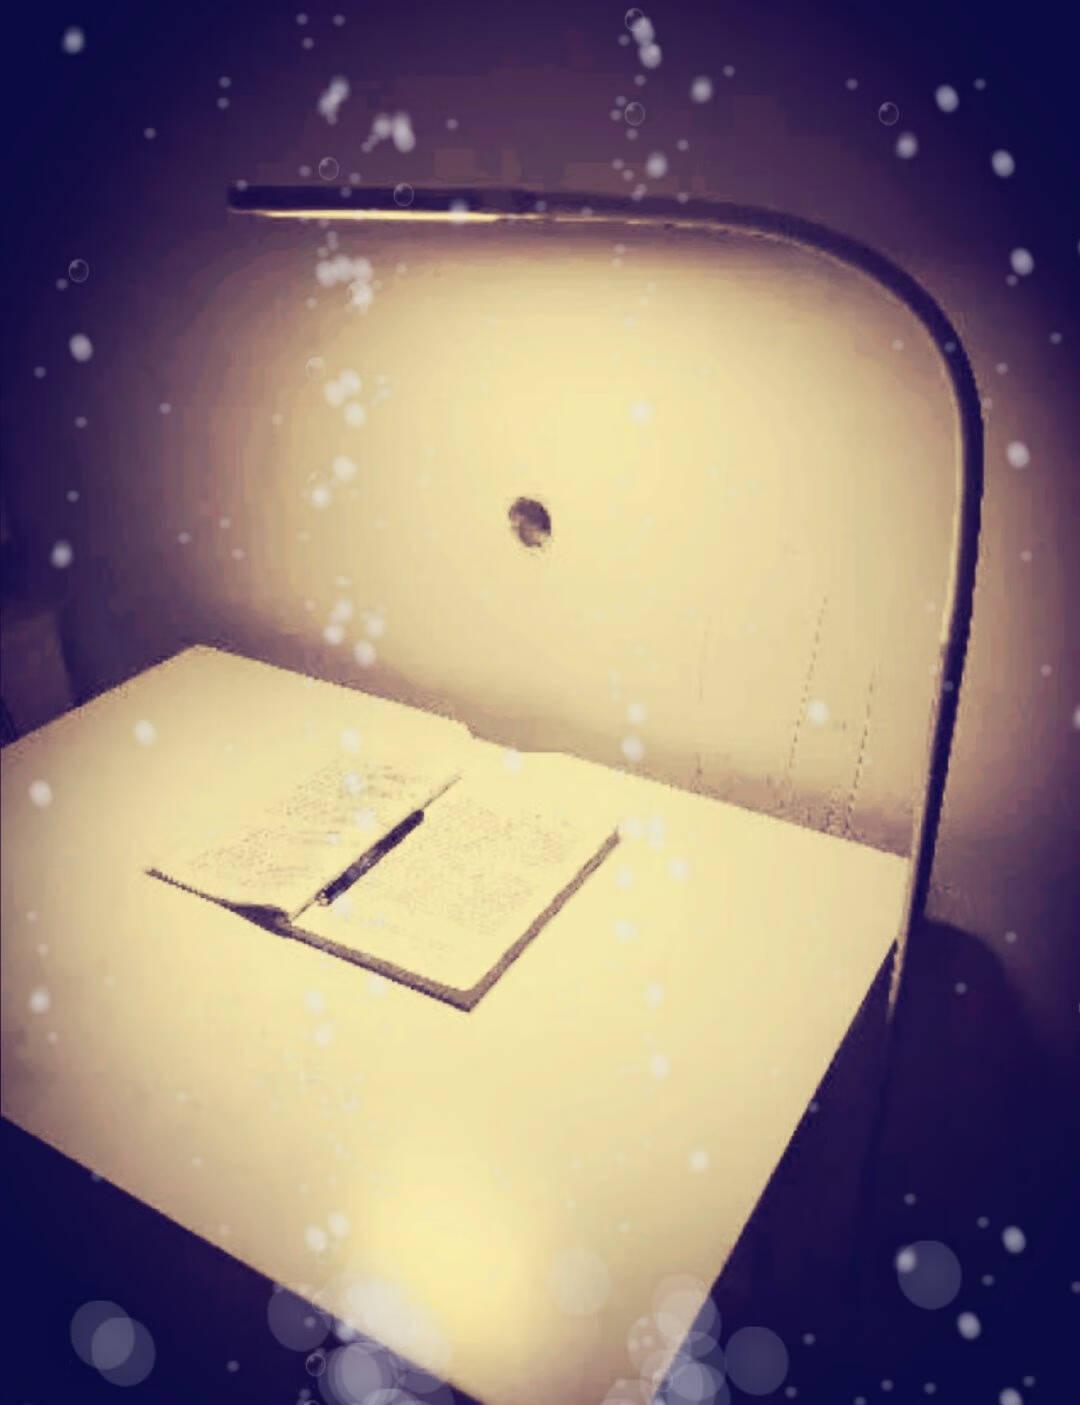 菲普顿(FEIPUDUN)遥控落地灯客厅卧室床头灯书房学习阅读钢琴落地台灯12瓦-五档黄白光版【铂银】